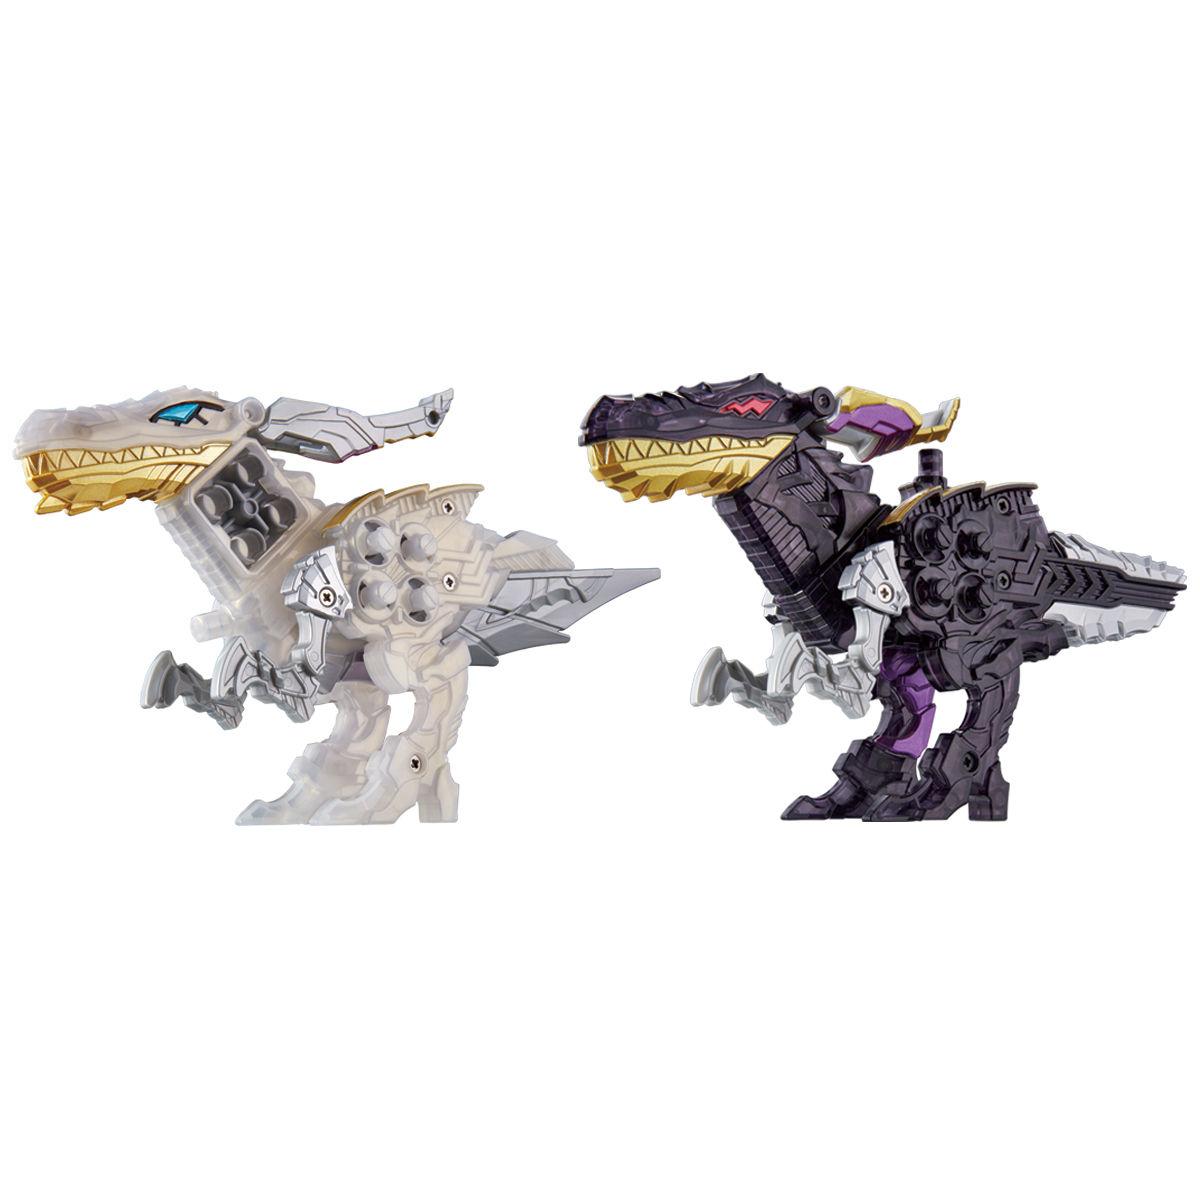 騎士竜戦隊リュウソウジャー『騎士竜シリーズ08&09 DXシャインラプター&シャドーラプターセット』可変可動フィギュア-001